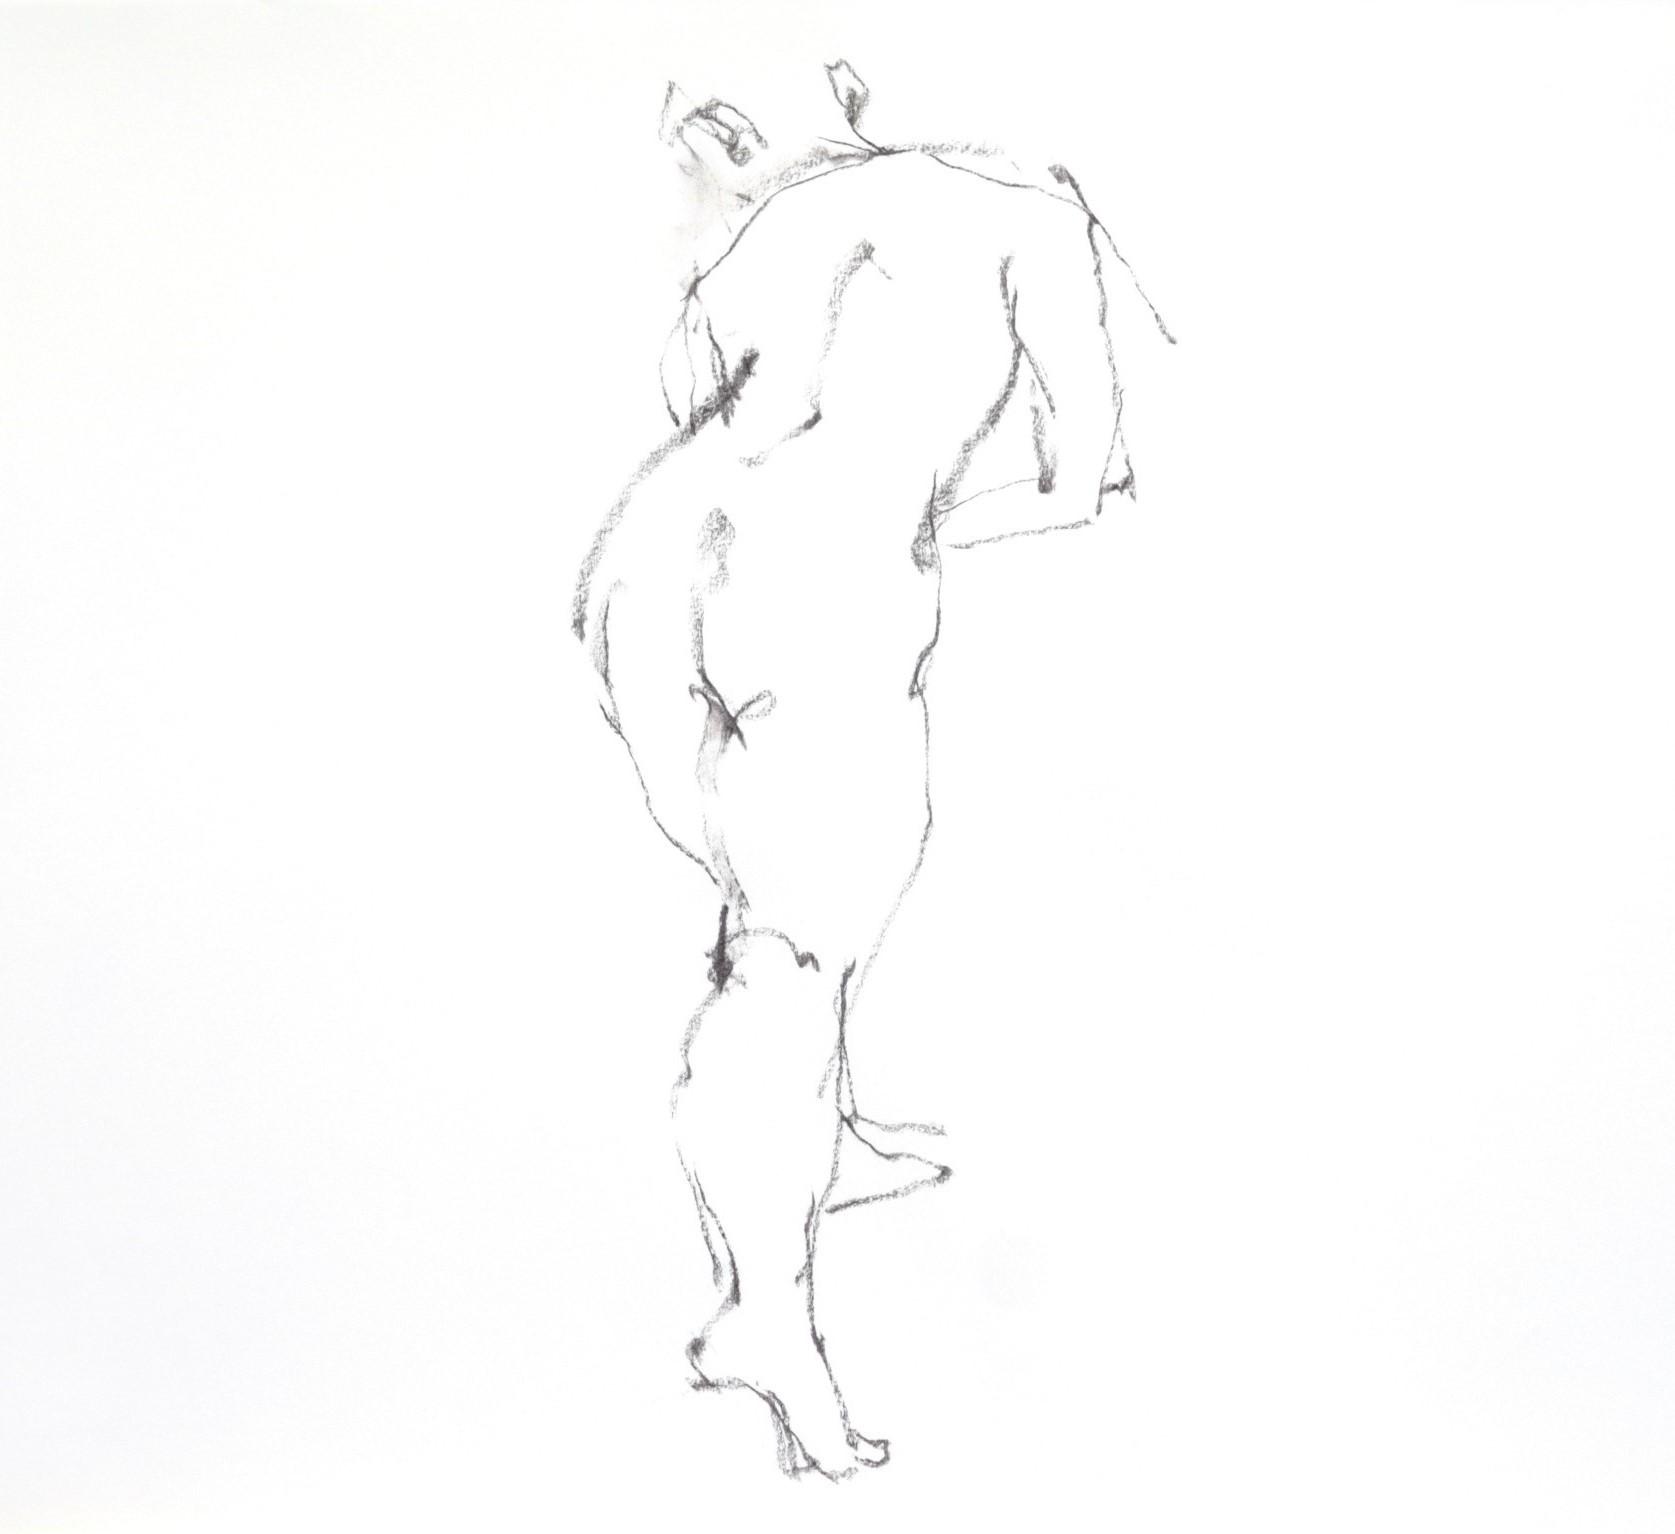 《 三月のある日の 「 裸婦クロッキー(croquis)」 2 》_f0159856_12230203.jpg